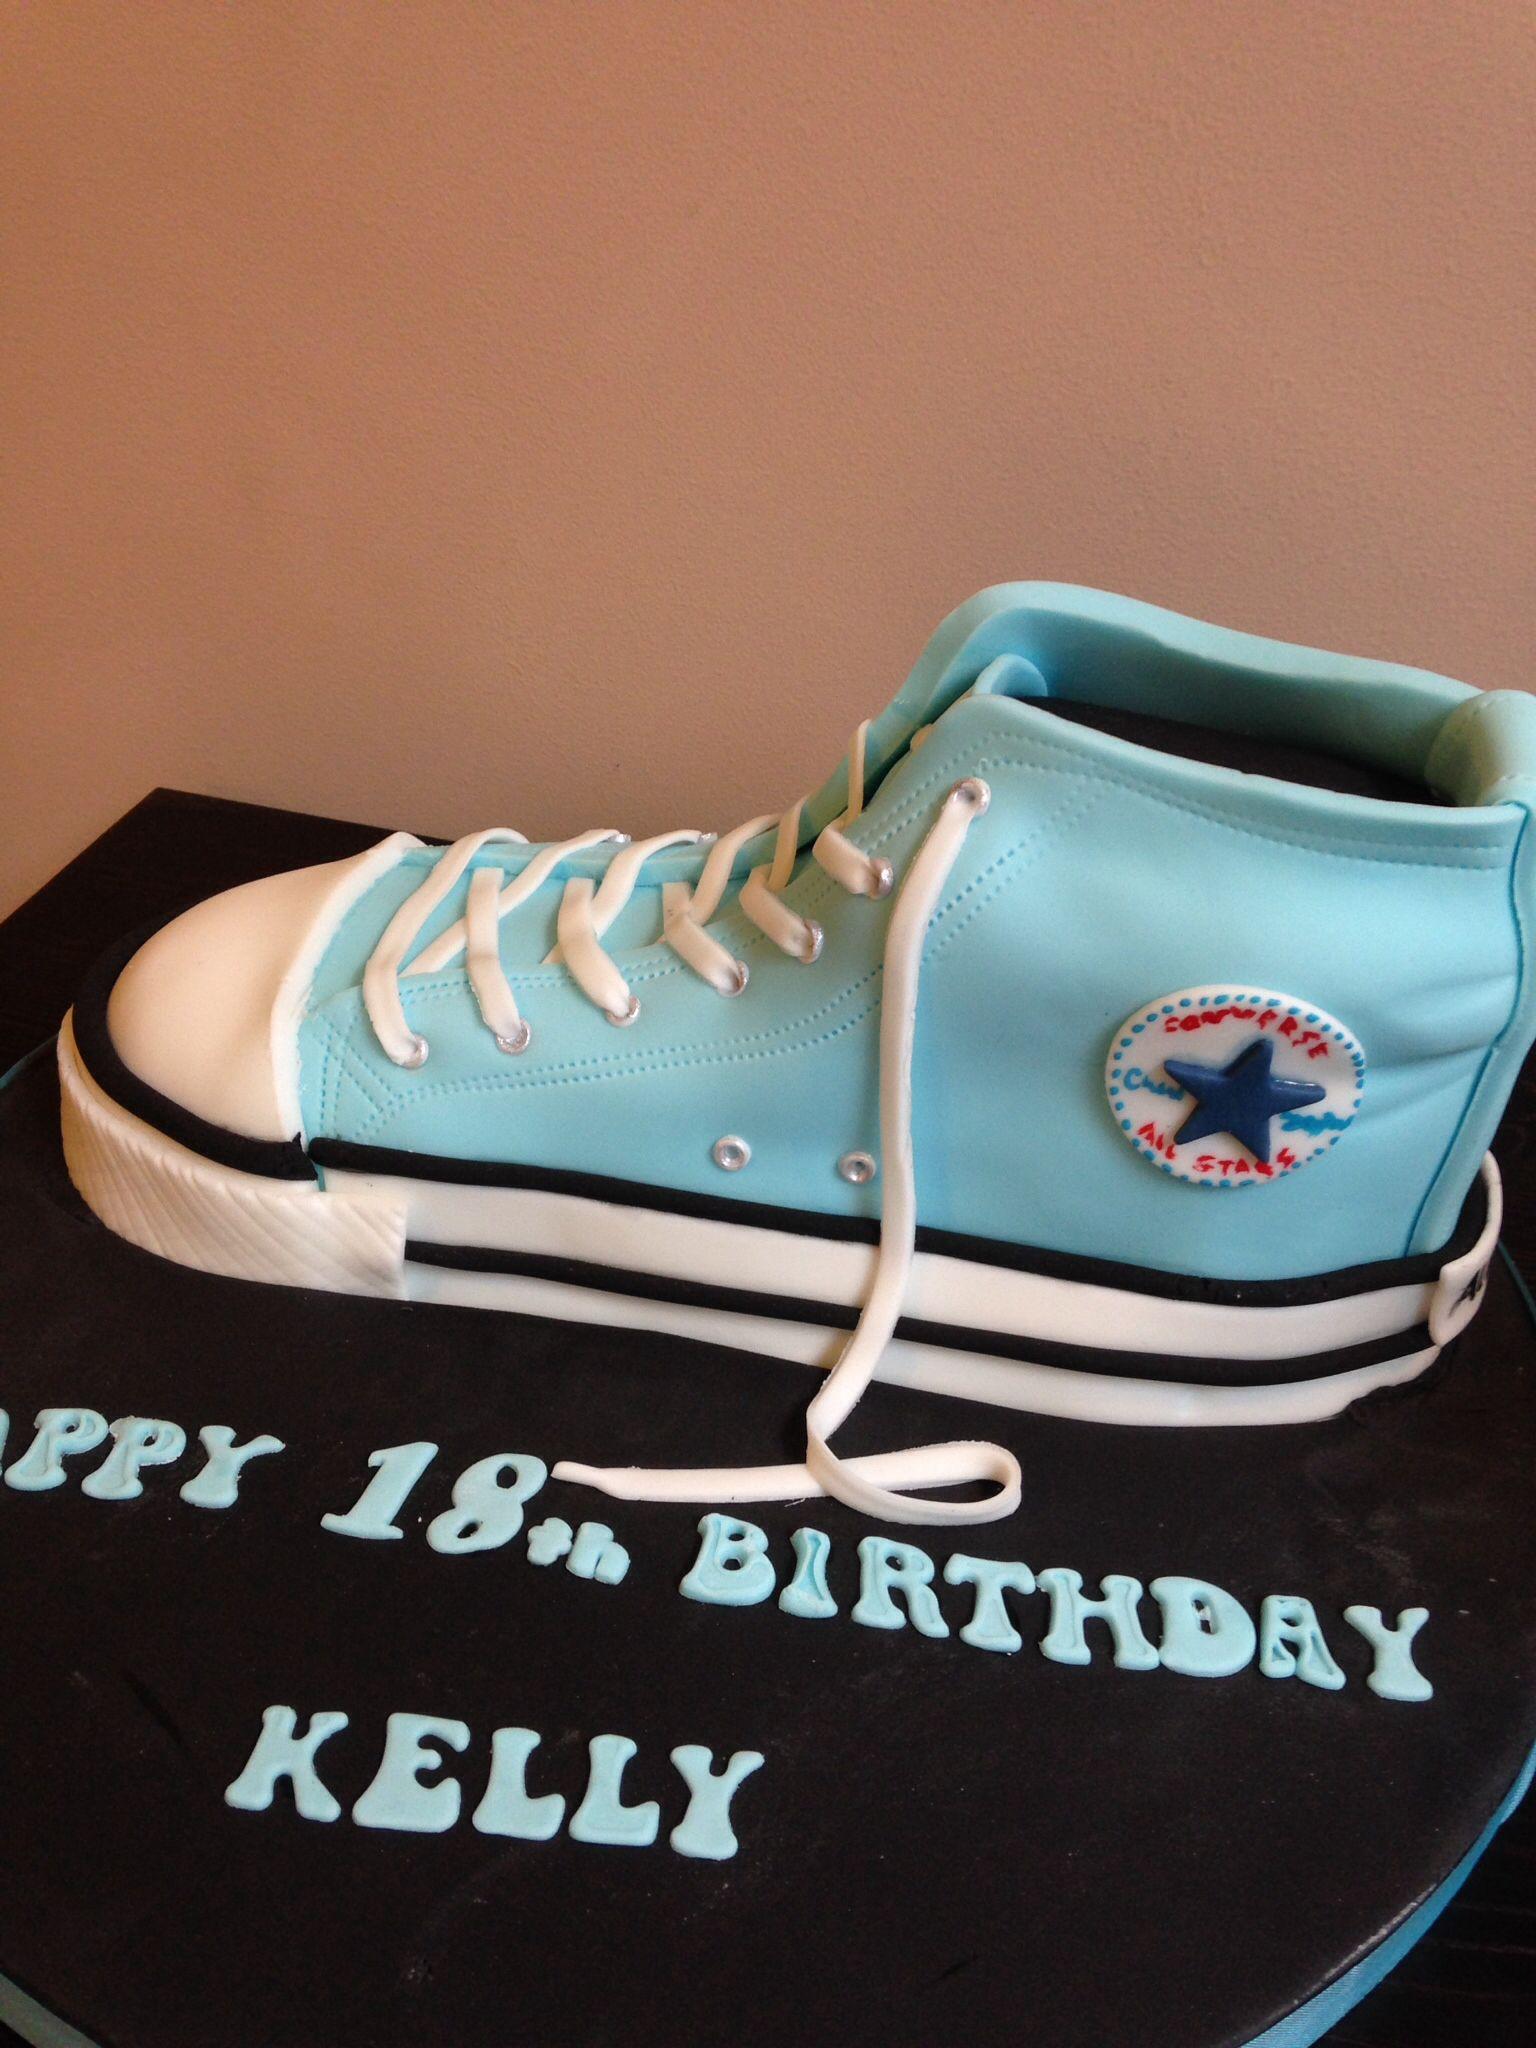 Gâteaux Converse D'anniversaire Pinterest Mes Chaussures Gâteau vawqSzv8